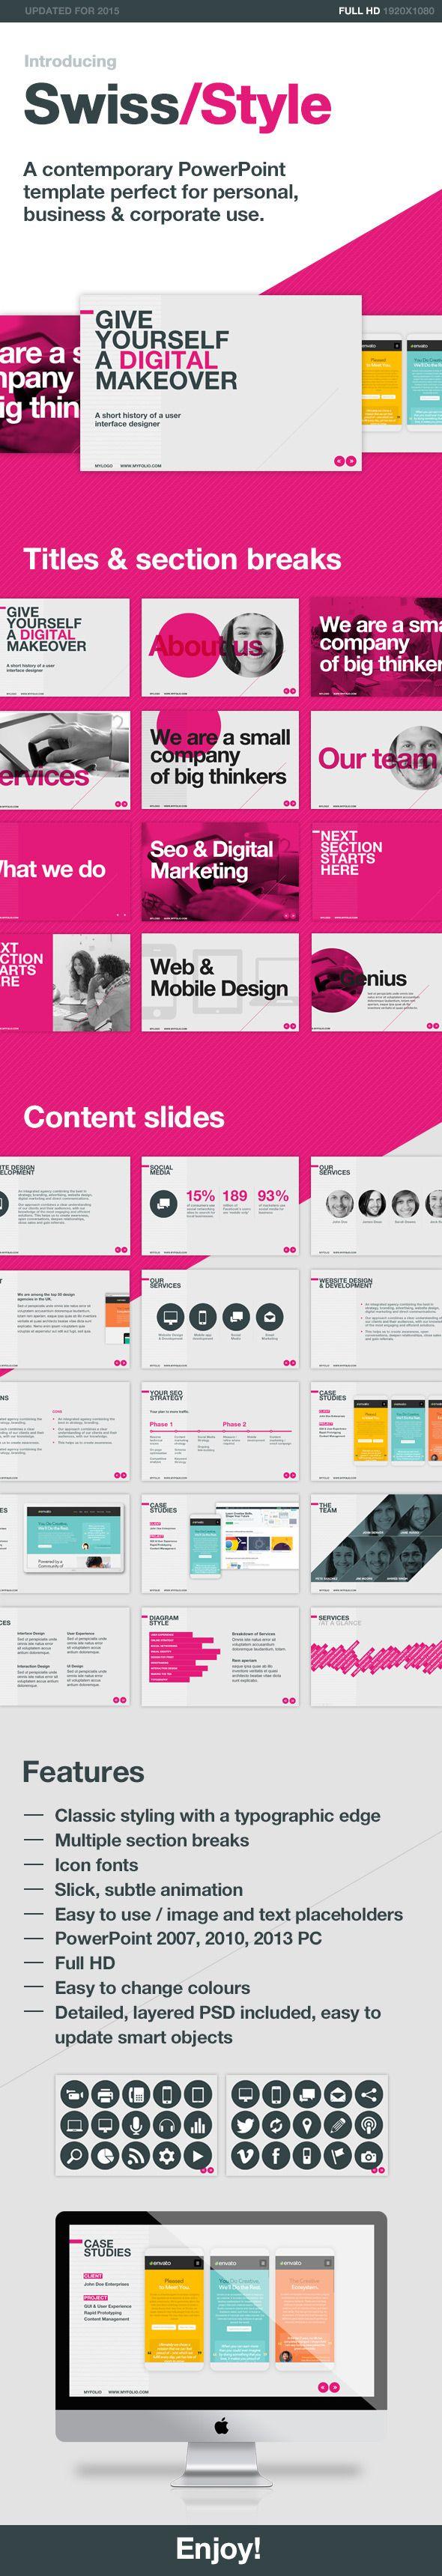 https://www.behance.net/gallery/1362567/Swiss-Style-PowerPoint-Template